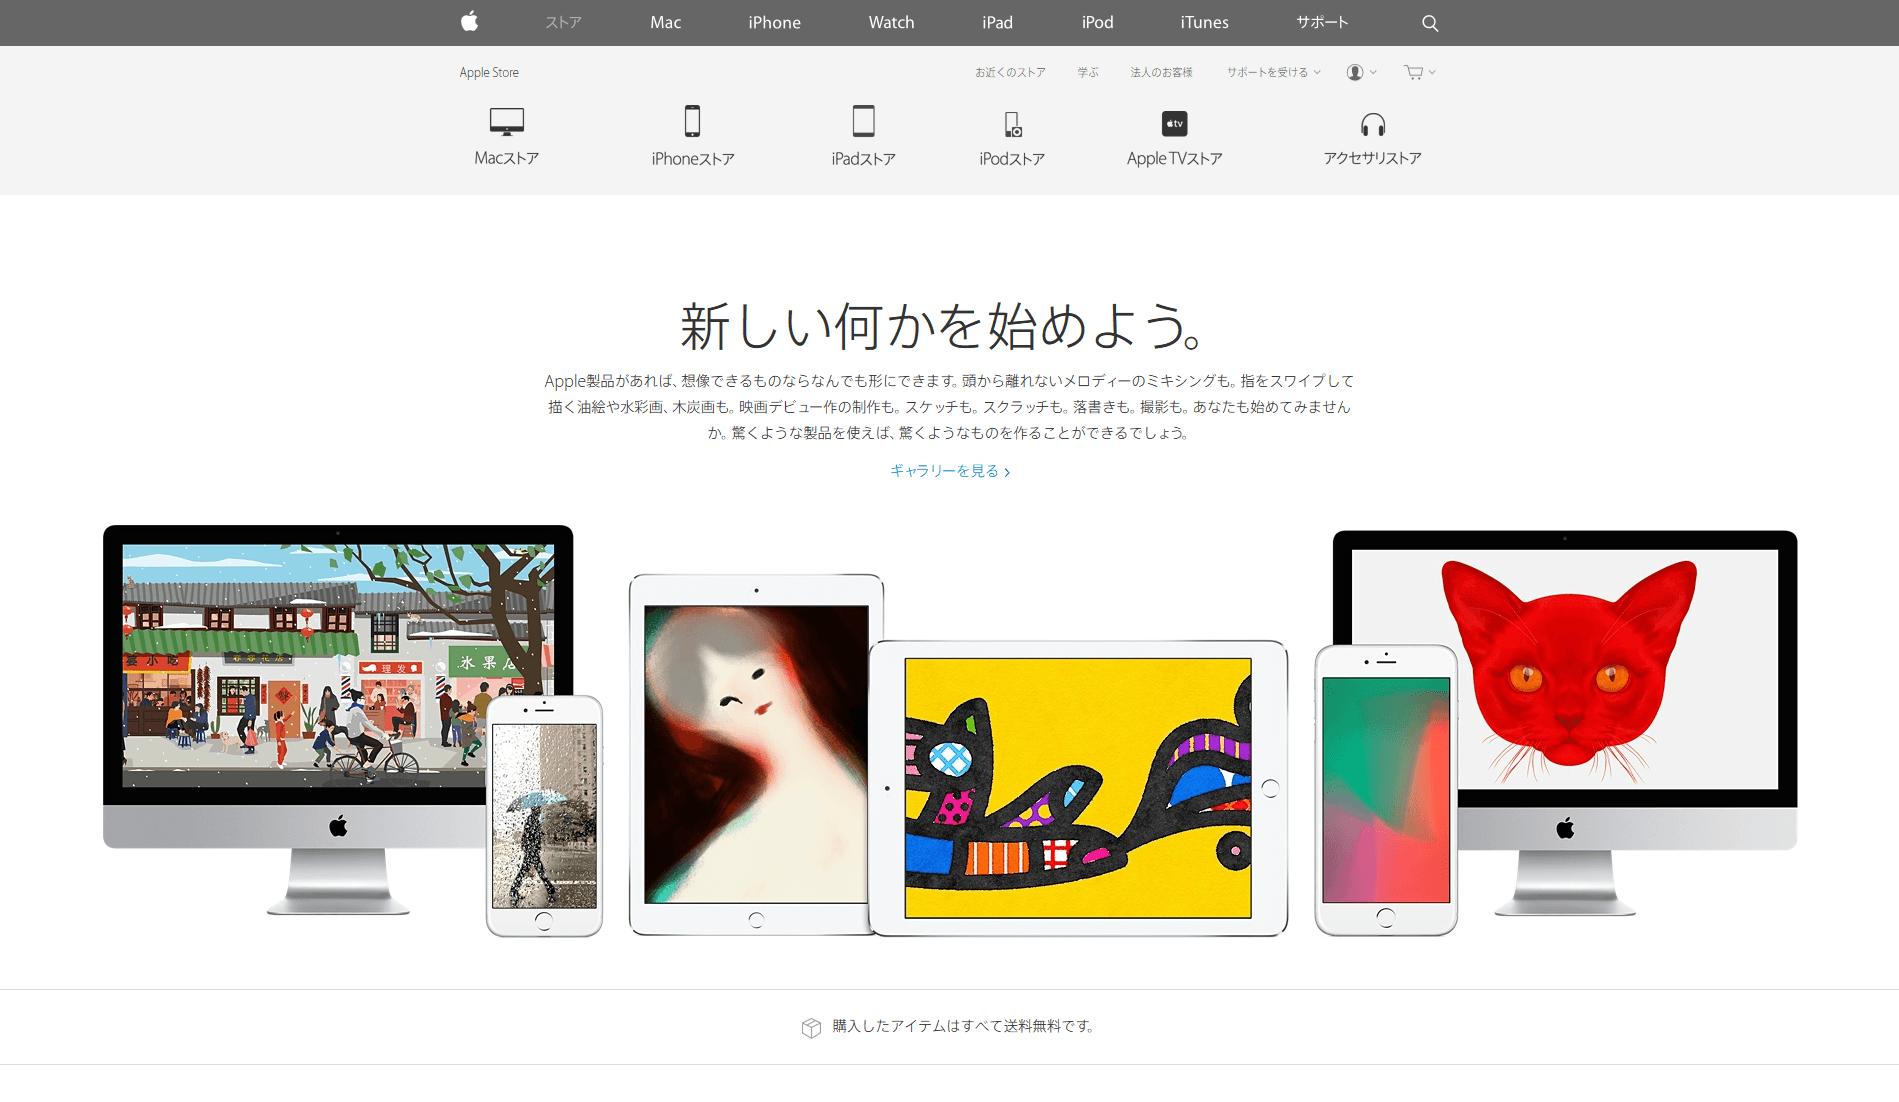 公式Apple Store(日本)- 新しいiPad Air 2とiPad mini 3